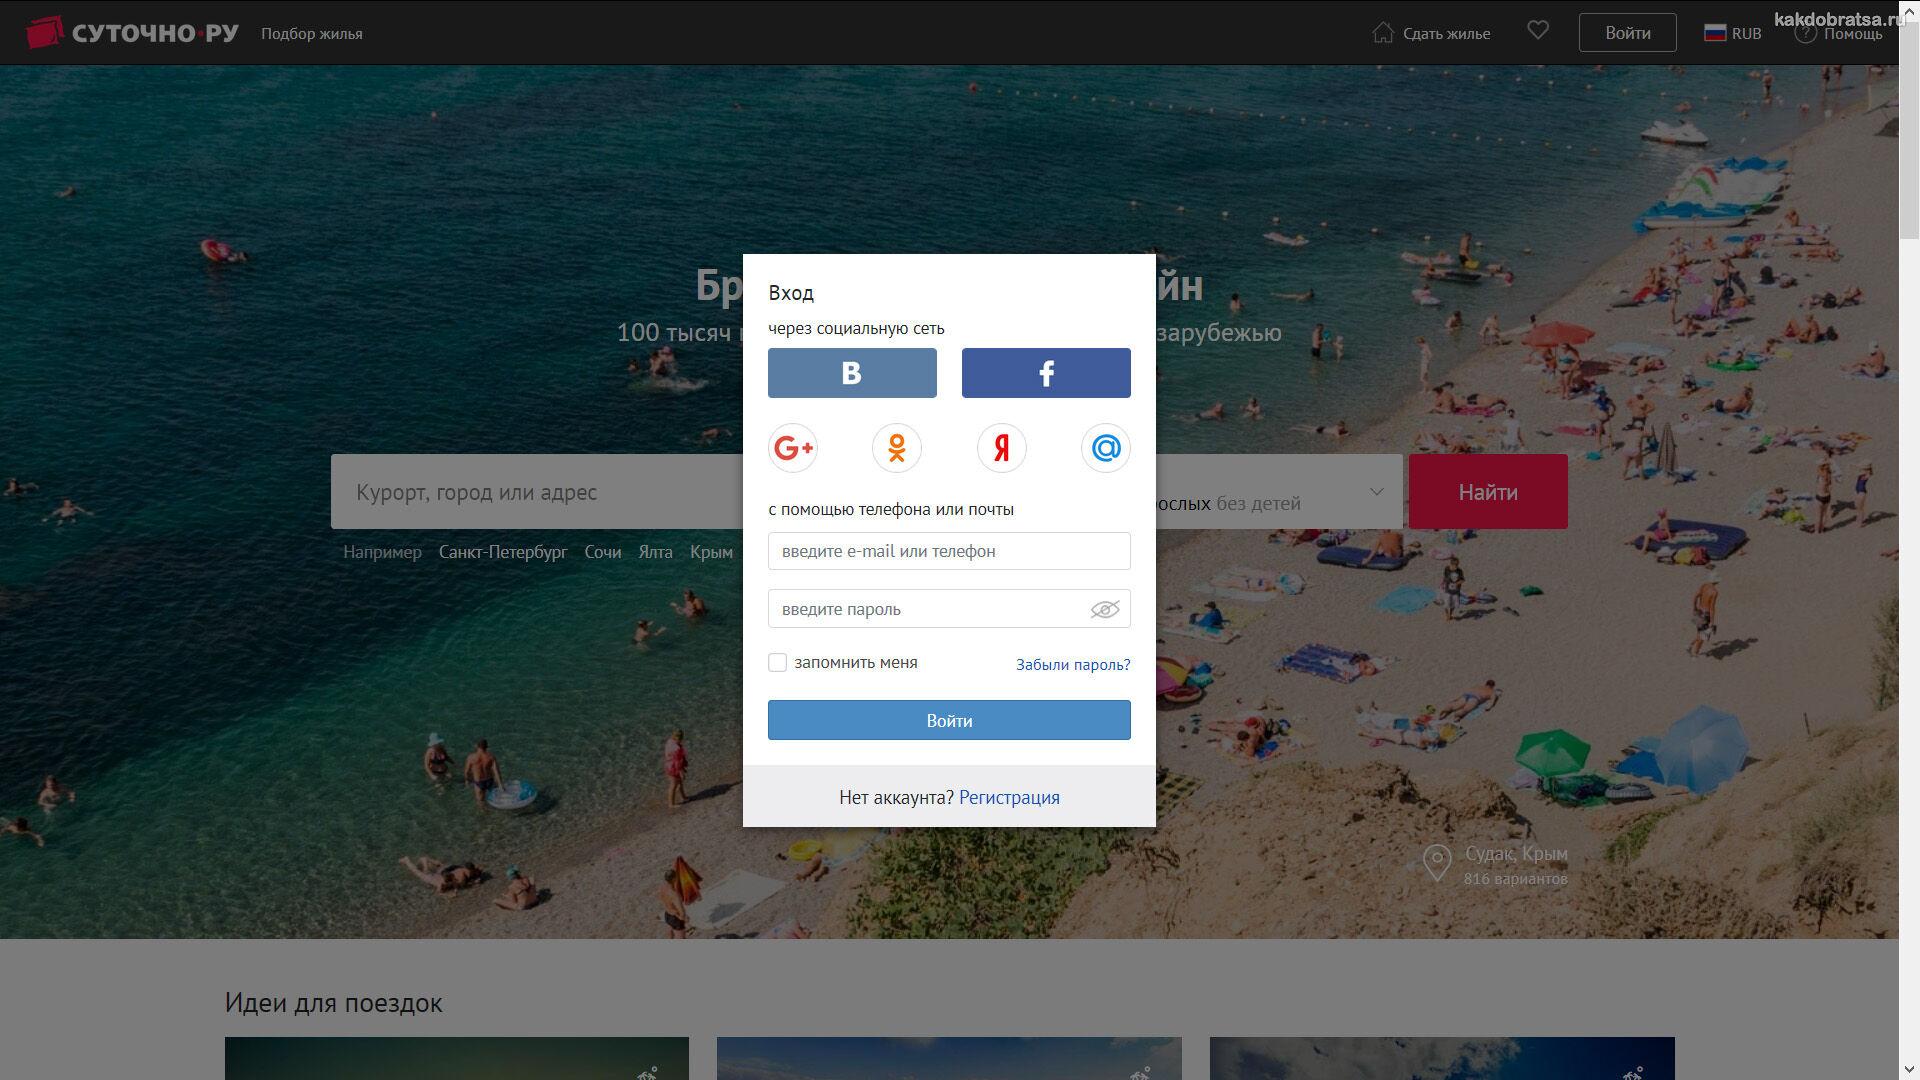 Как забронировать номер в отеле или квартире на веб-сайте Sutochno.ru в Крыму